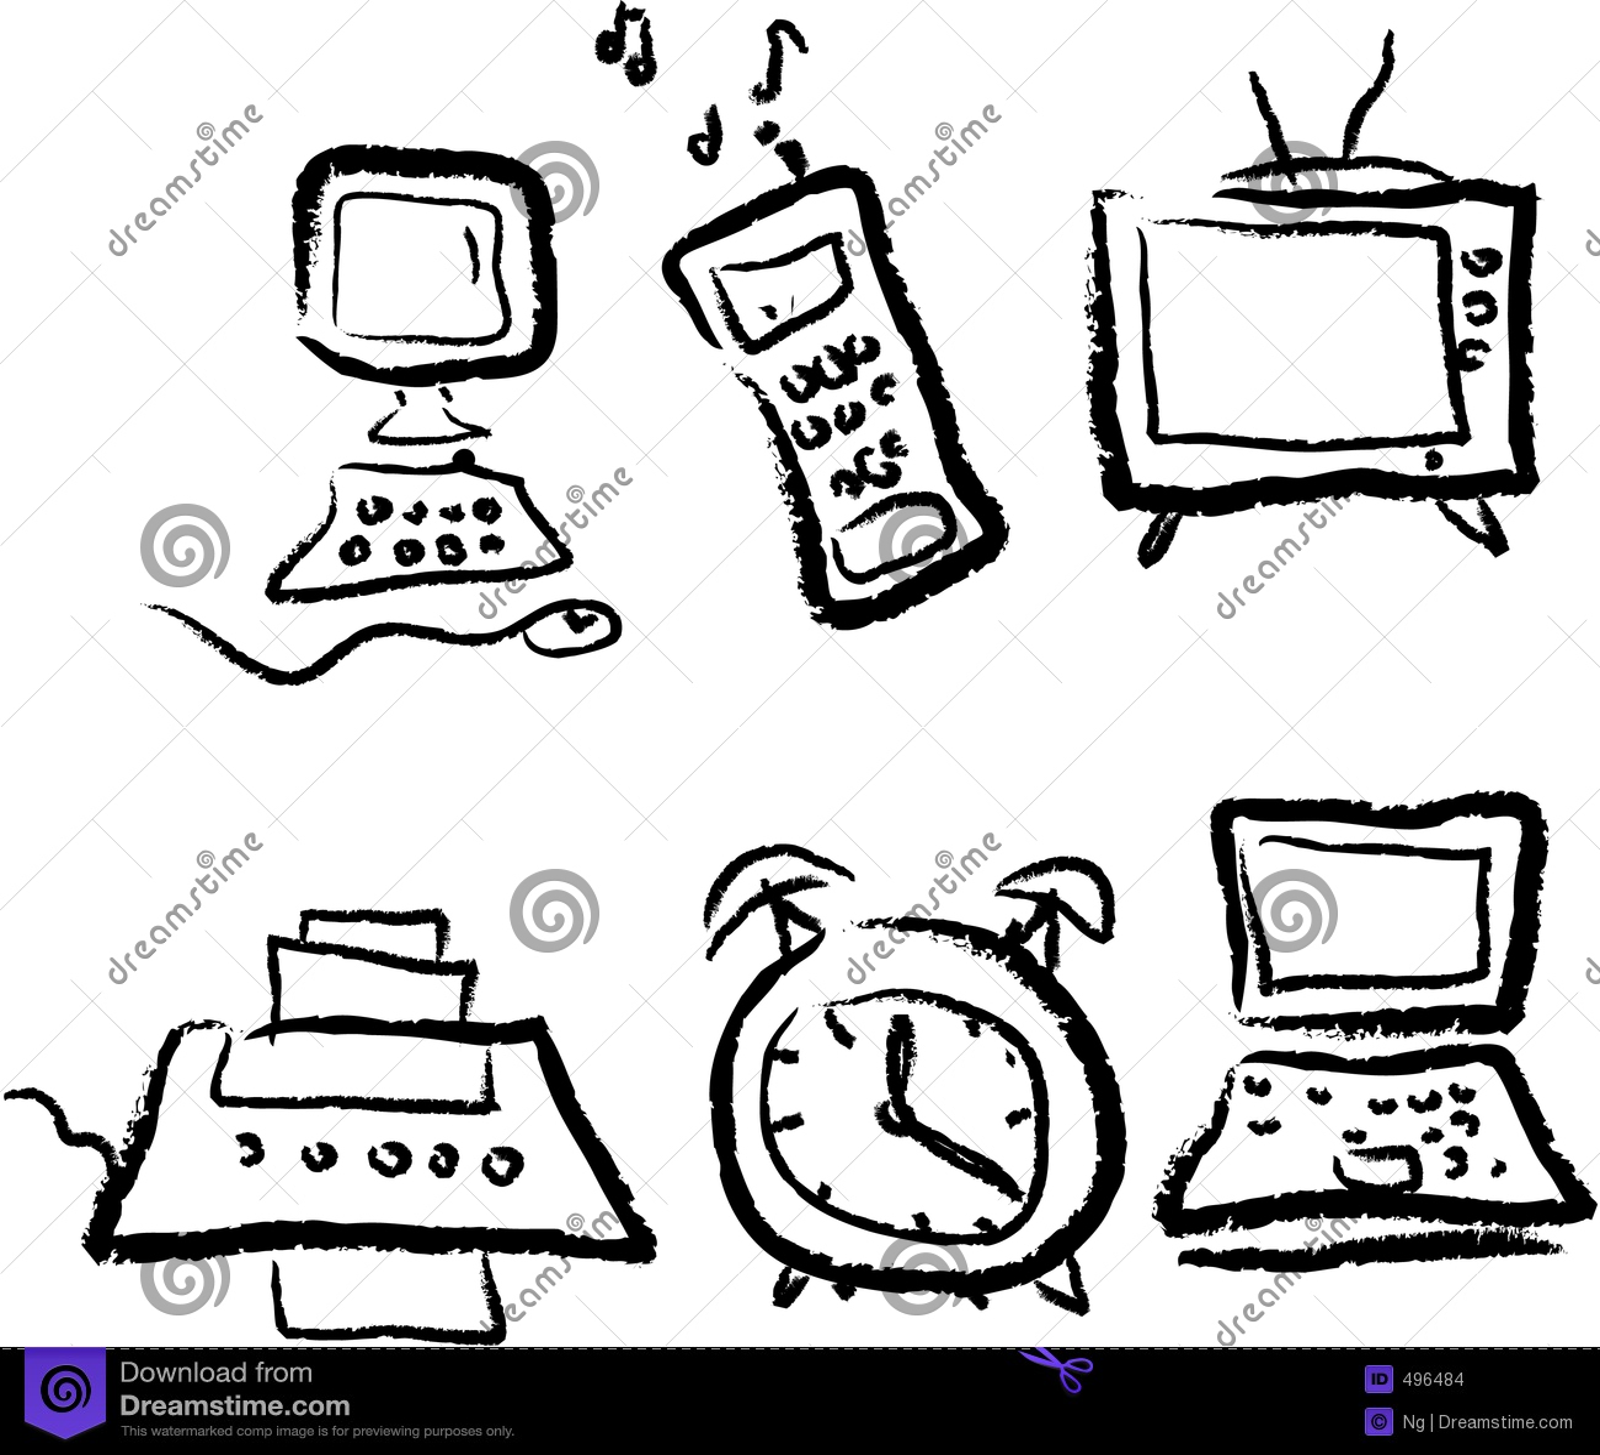 Stockbilder: karikaturikonen - moderne technologie